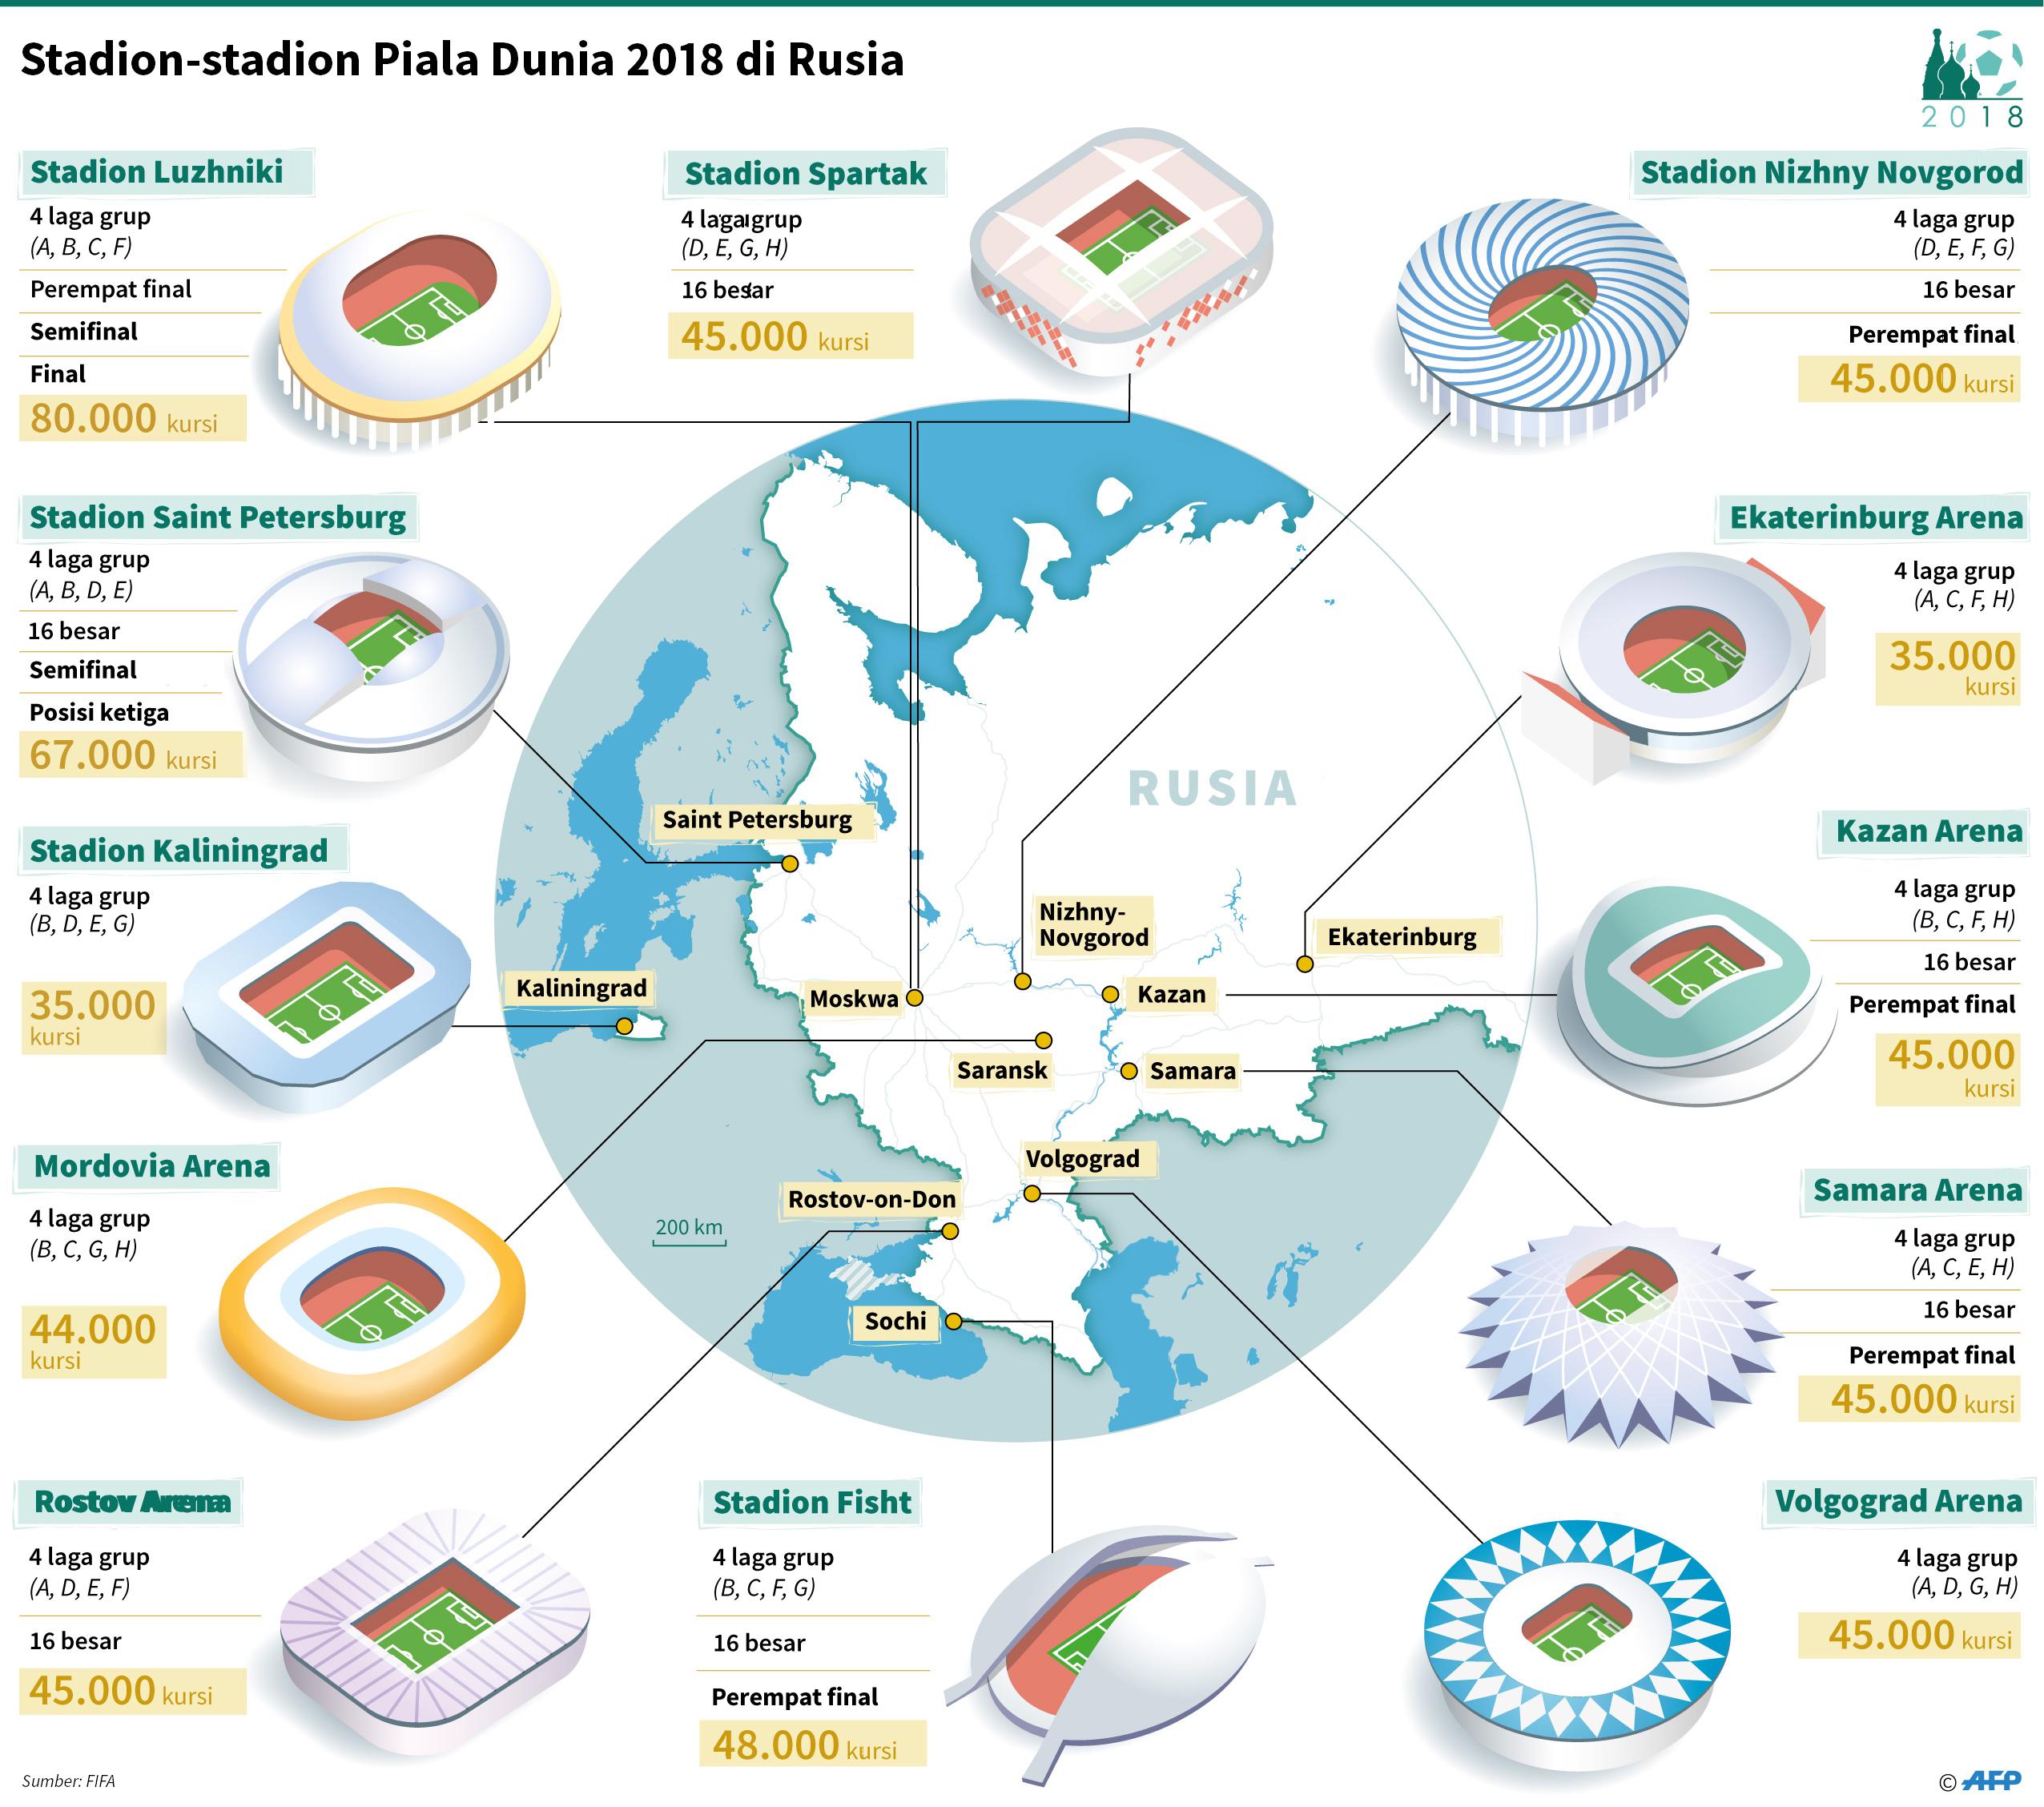 Daftar Pembagian Pot Untuk Undian Piala Dunia 2018